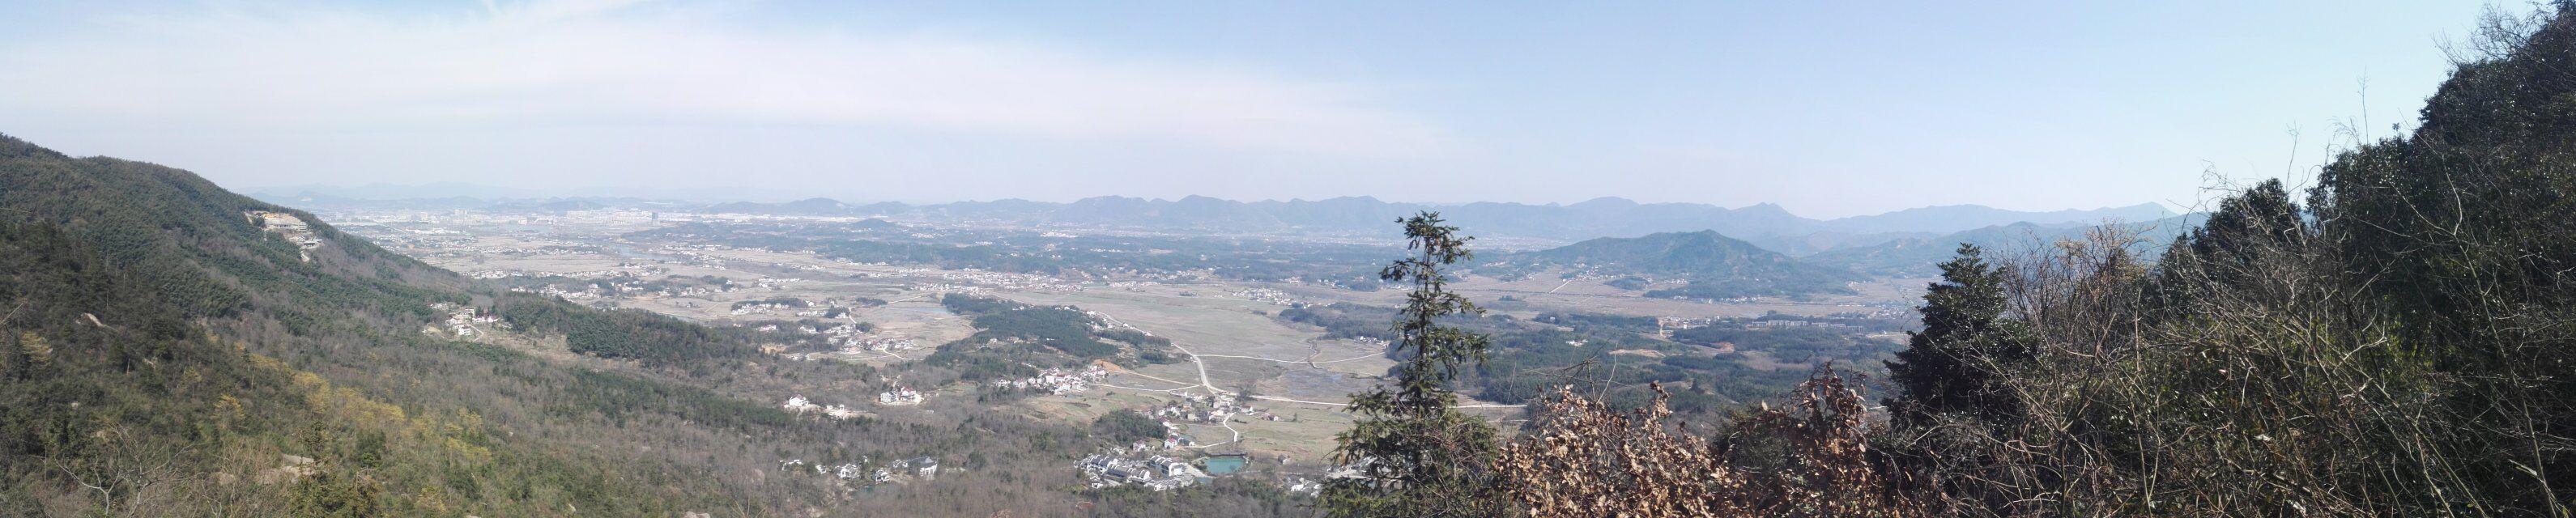 九子岩广角看青阳-九华山-安徽-绿野户外网